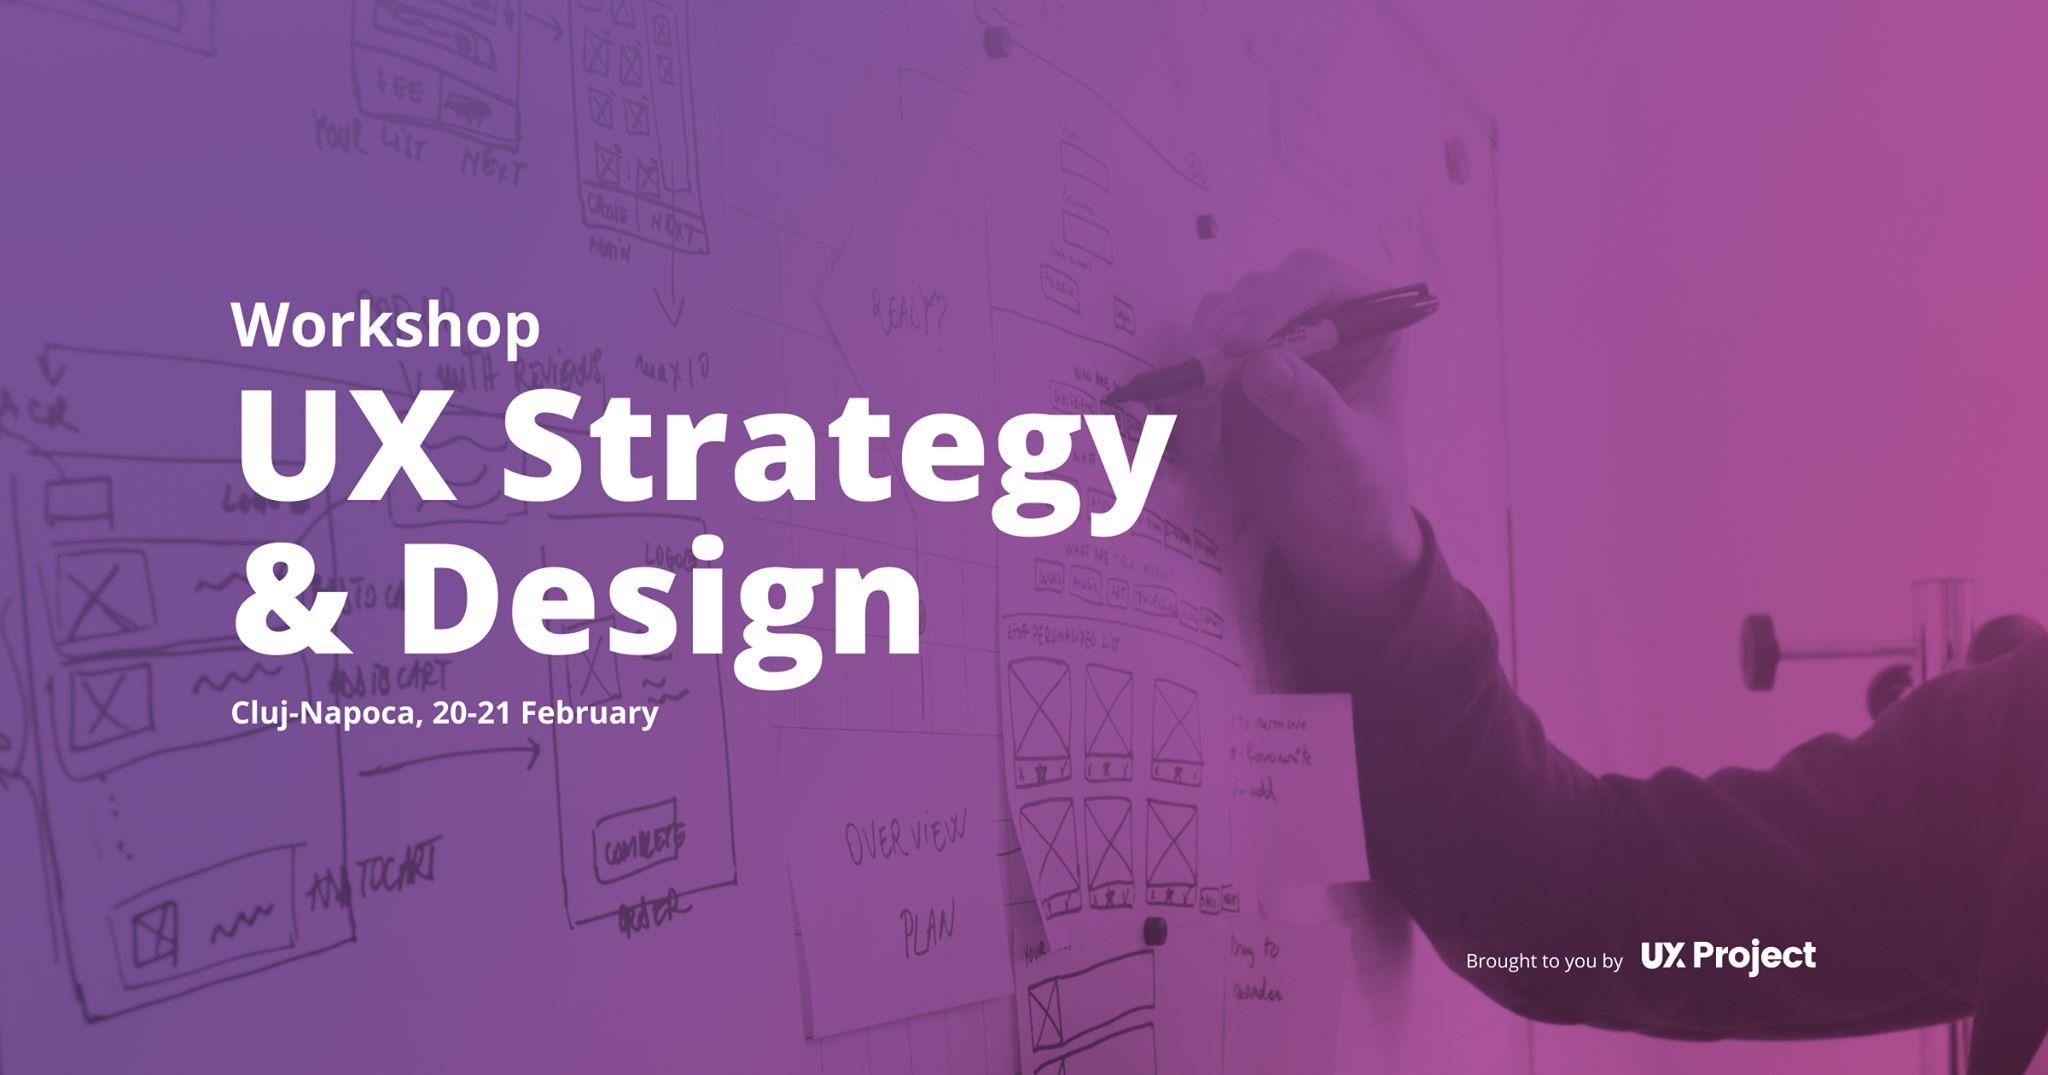 UX Strategy & Design Workshop